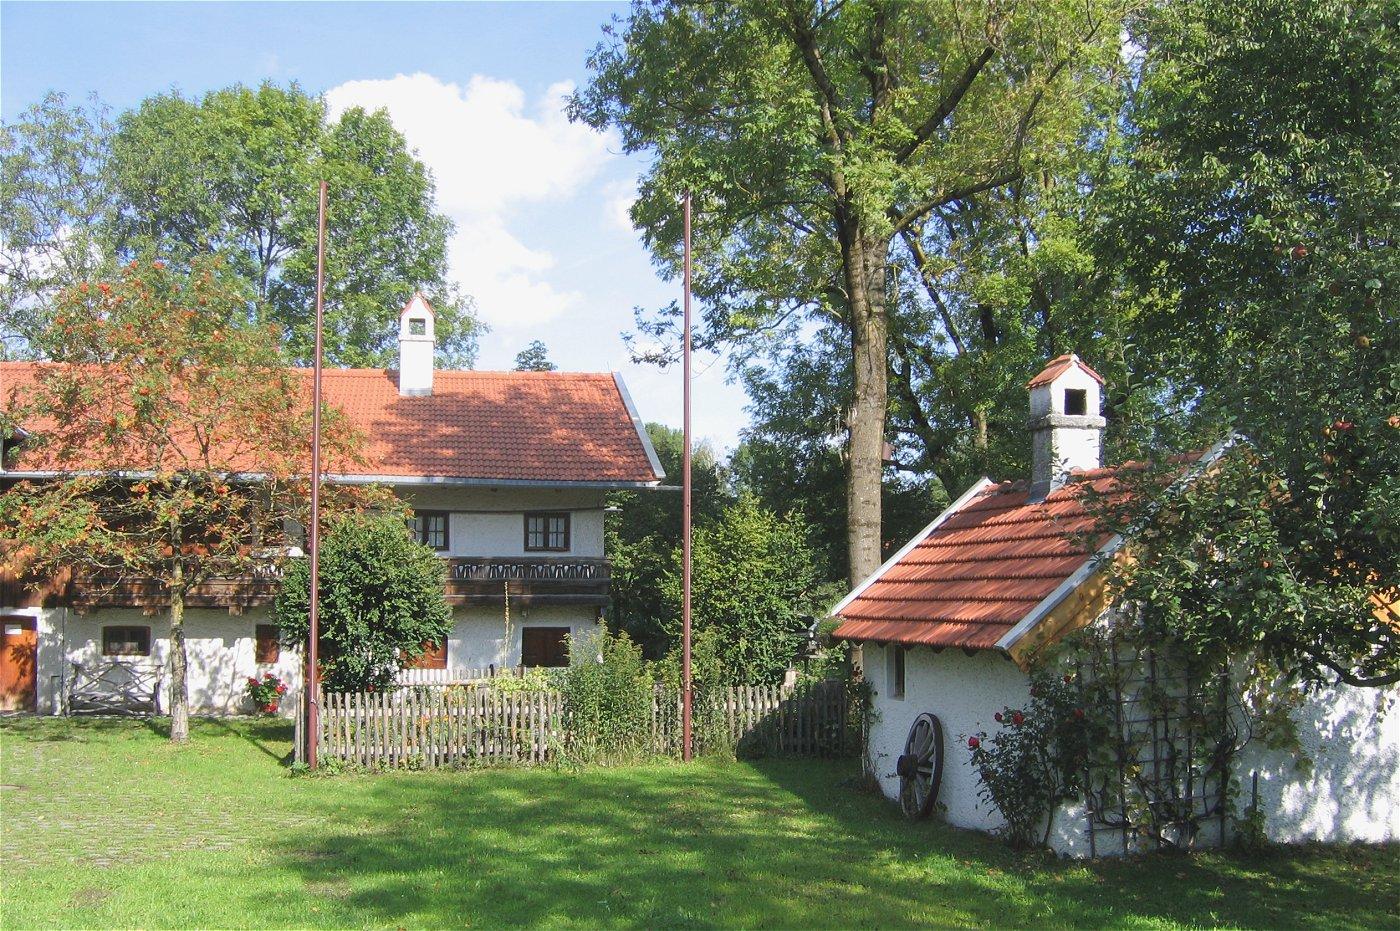 Taufkirchen München